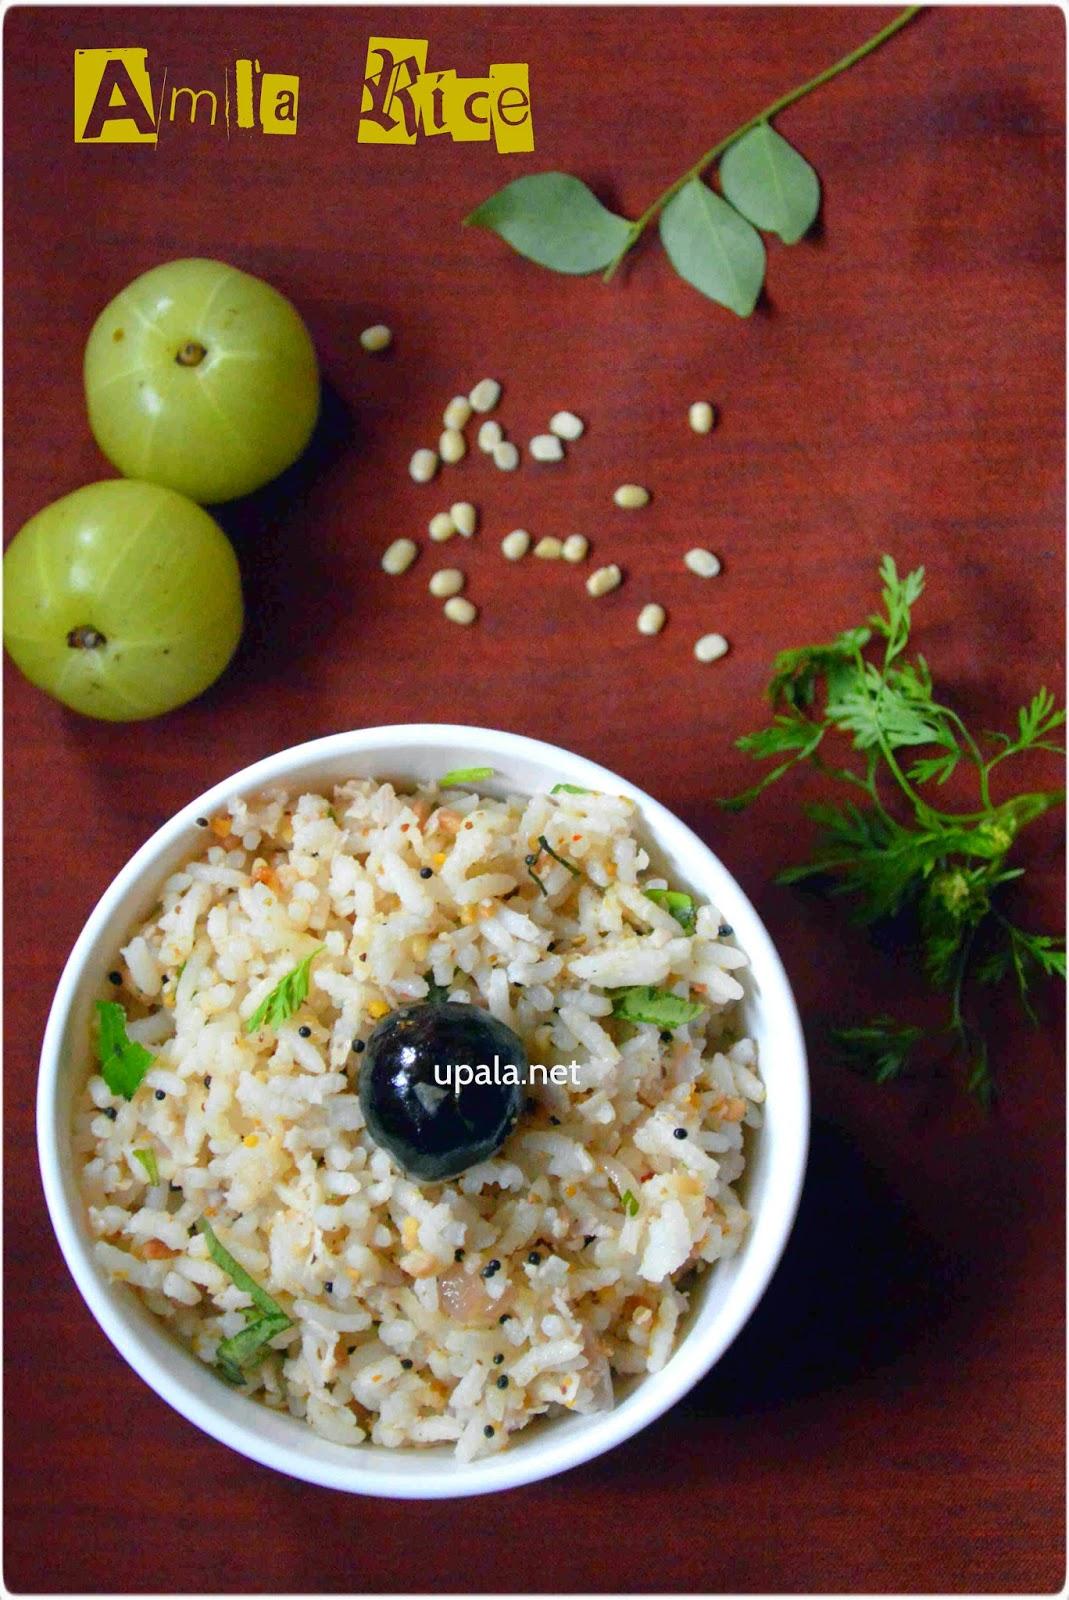 amla rice-nellikai